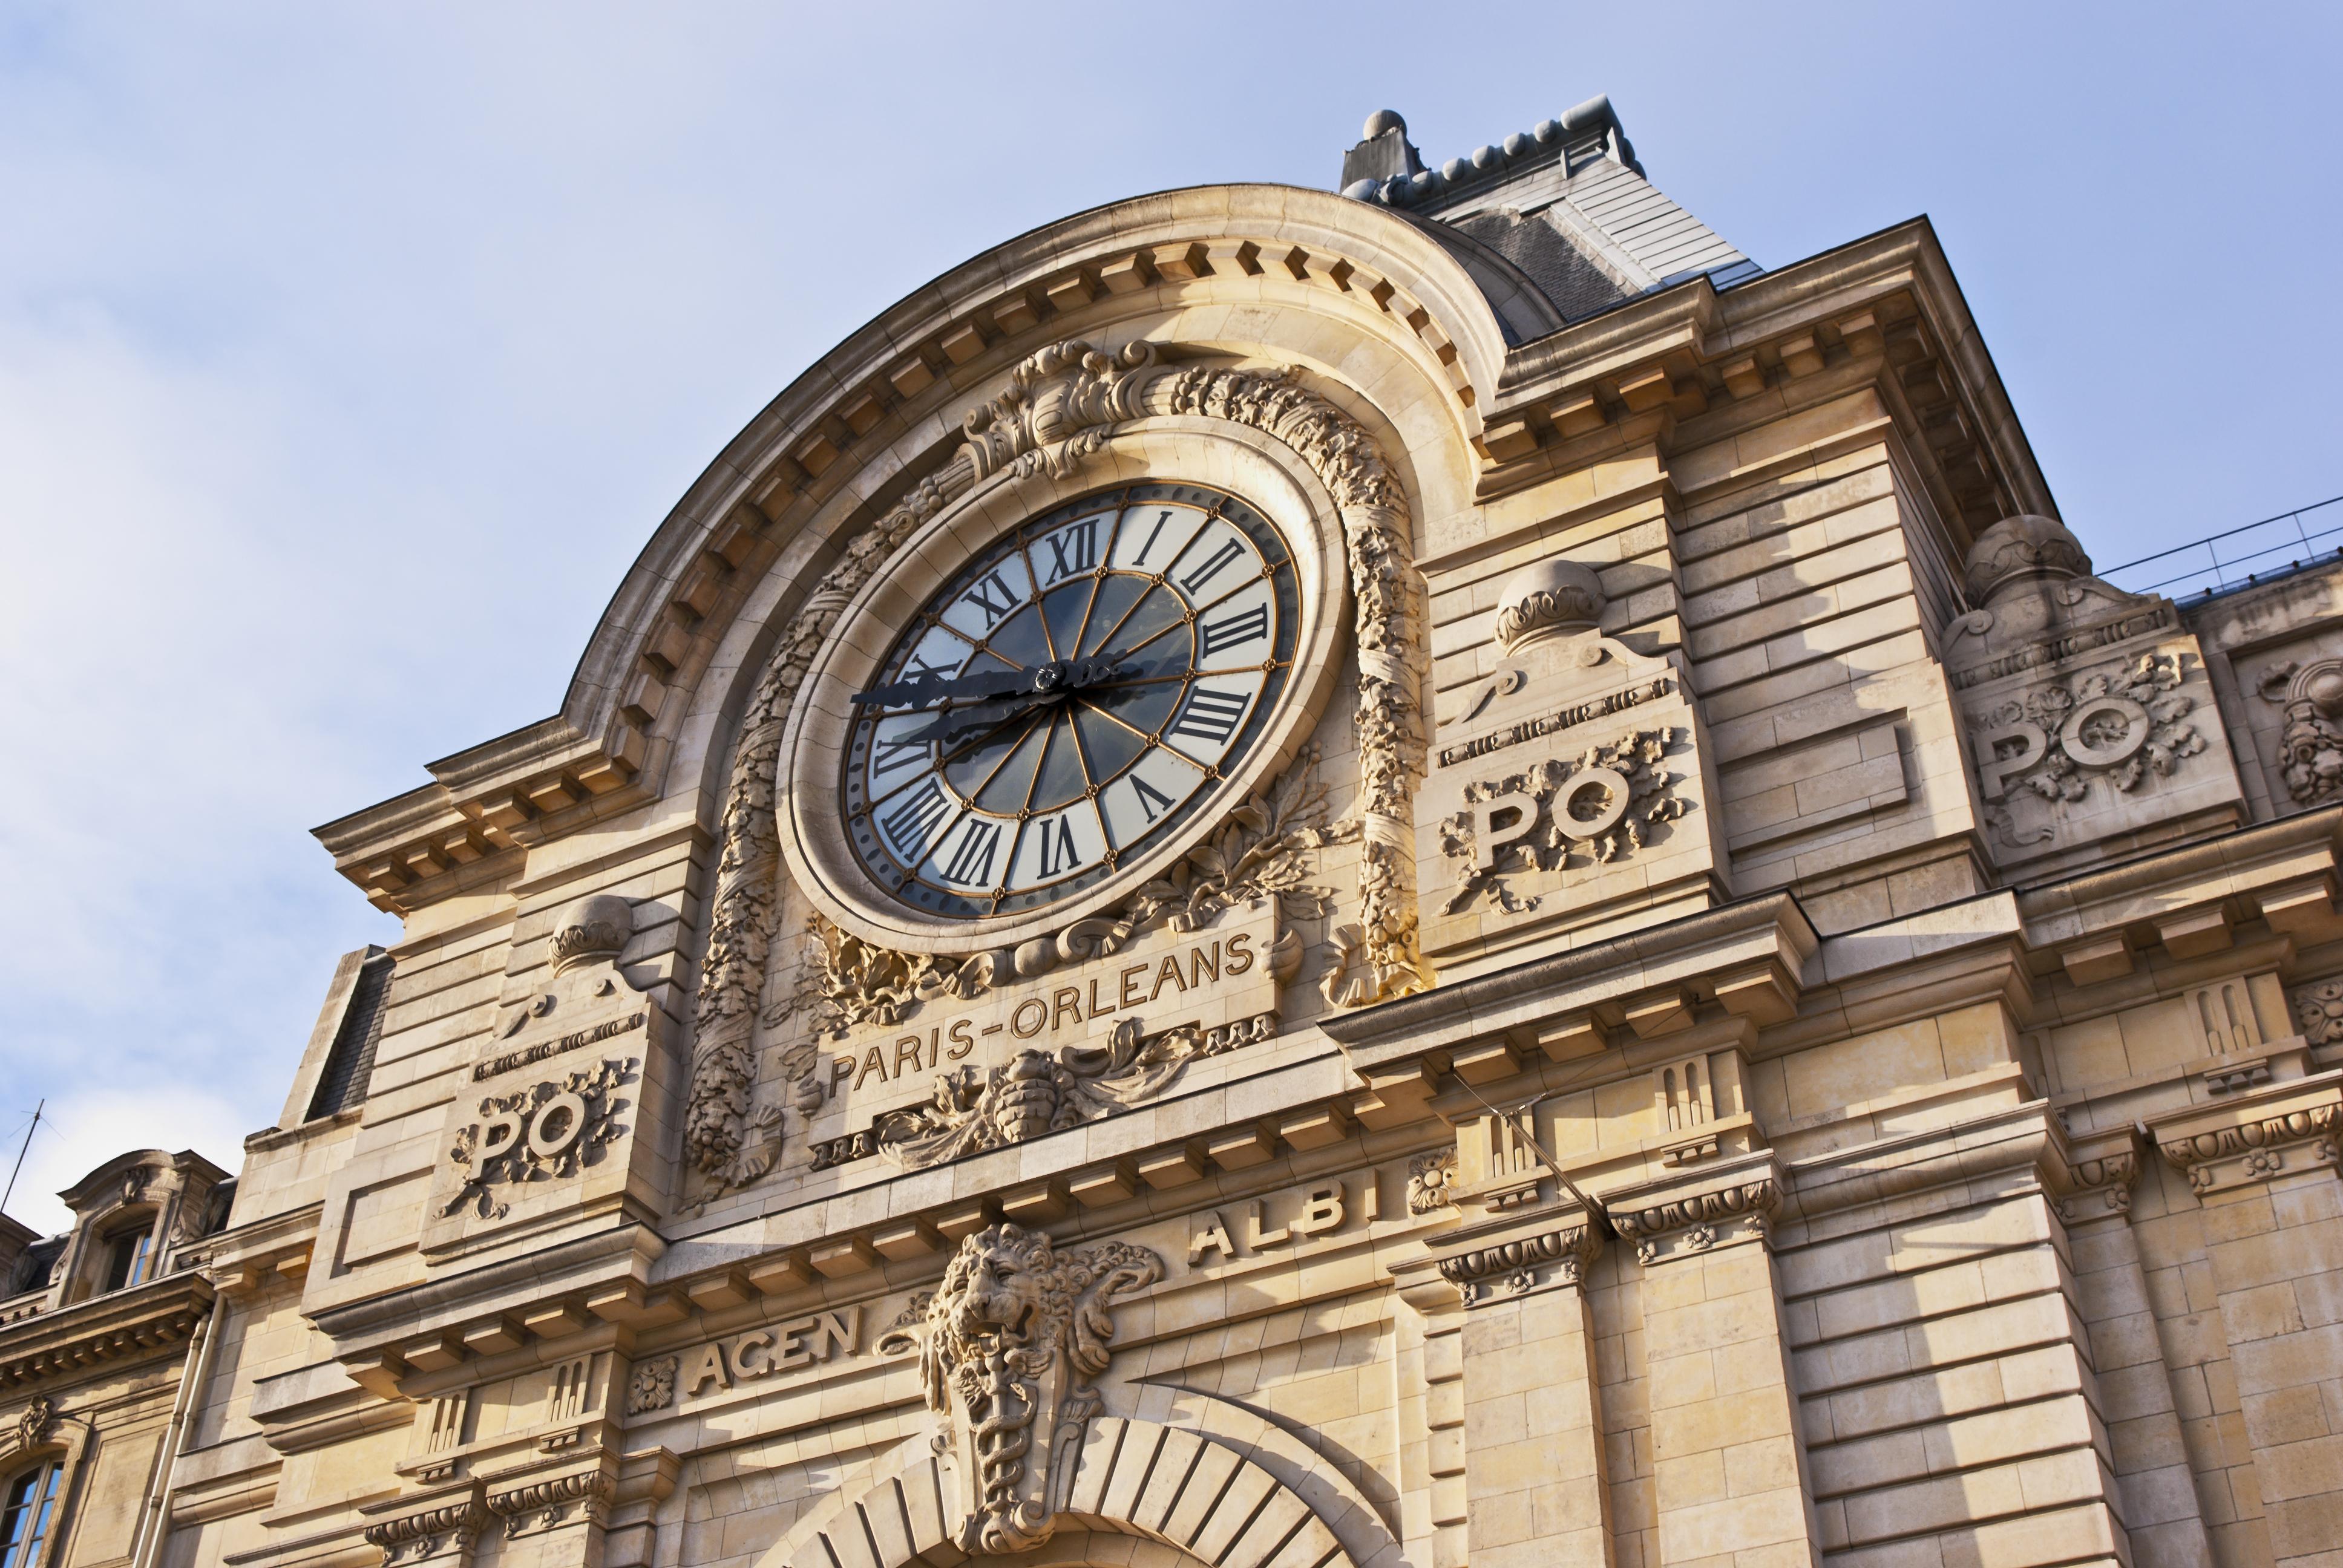 El Museo d'Orsay, descubrir lo mejor de los pintores impresionistas - Francia Circuito Castillos del Loira y Normandía